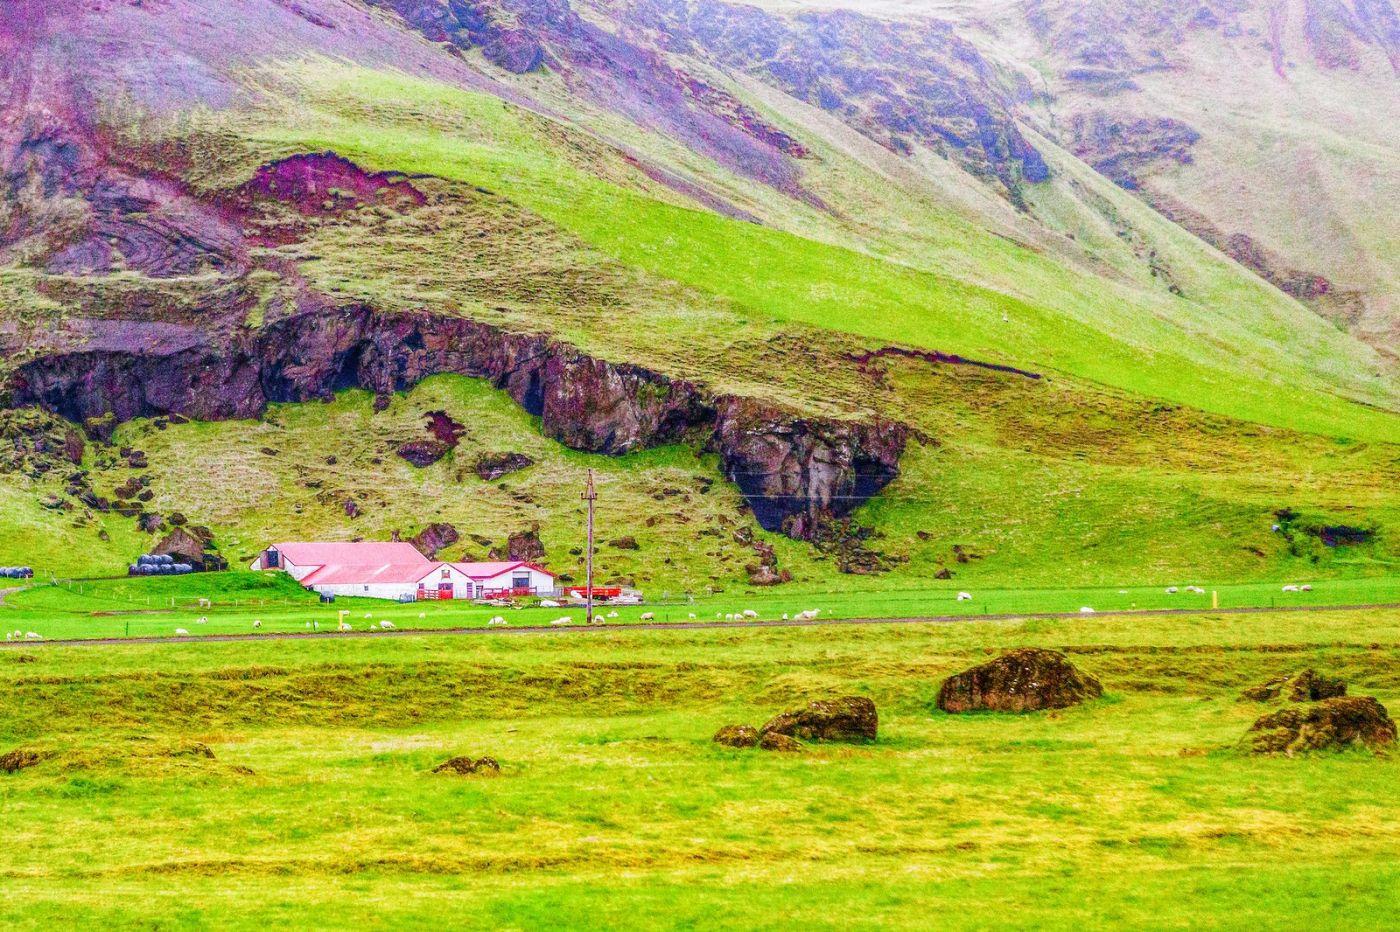 冰岛风采,大山民舍羊群_图1-36